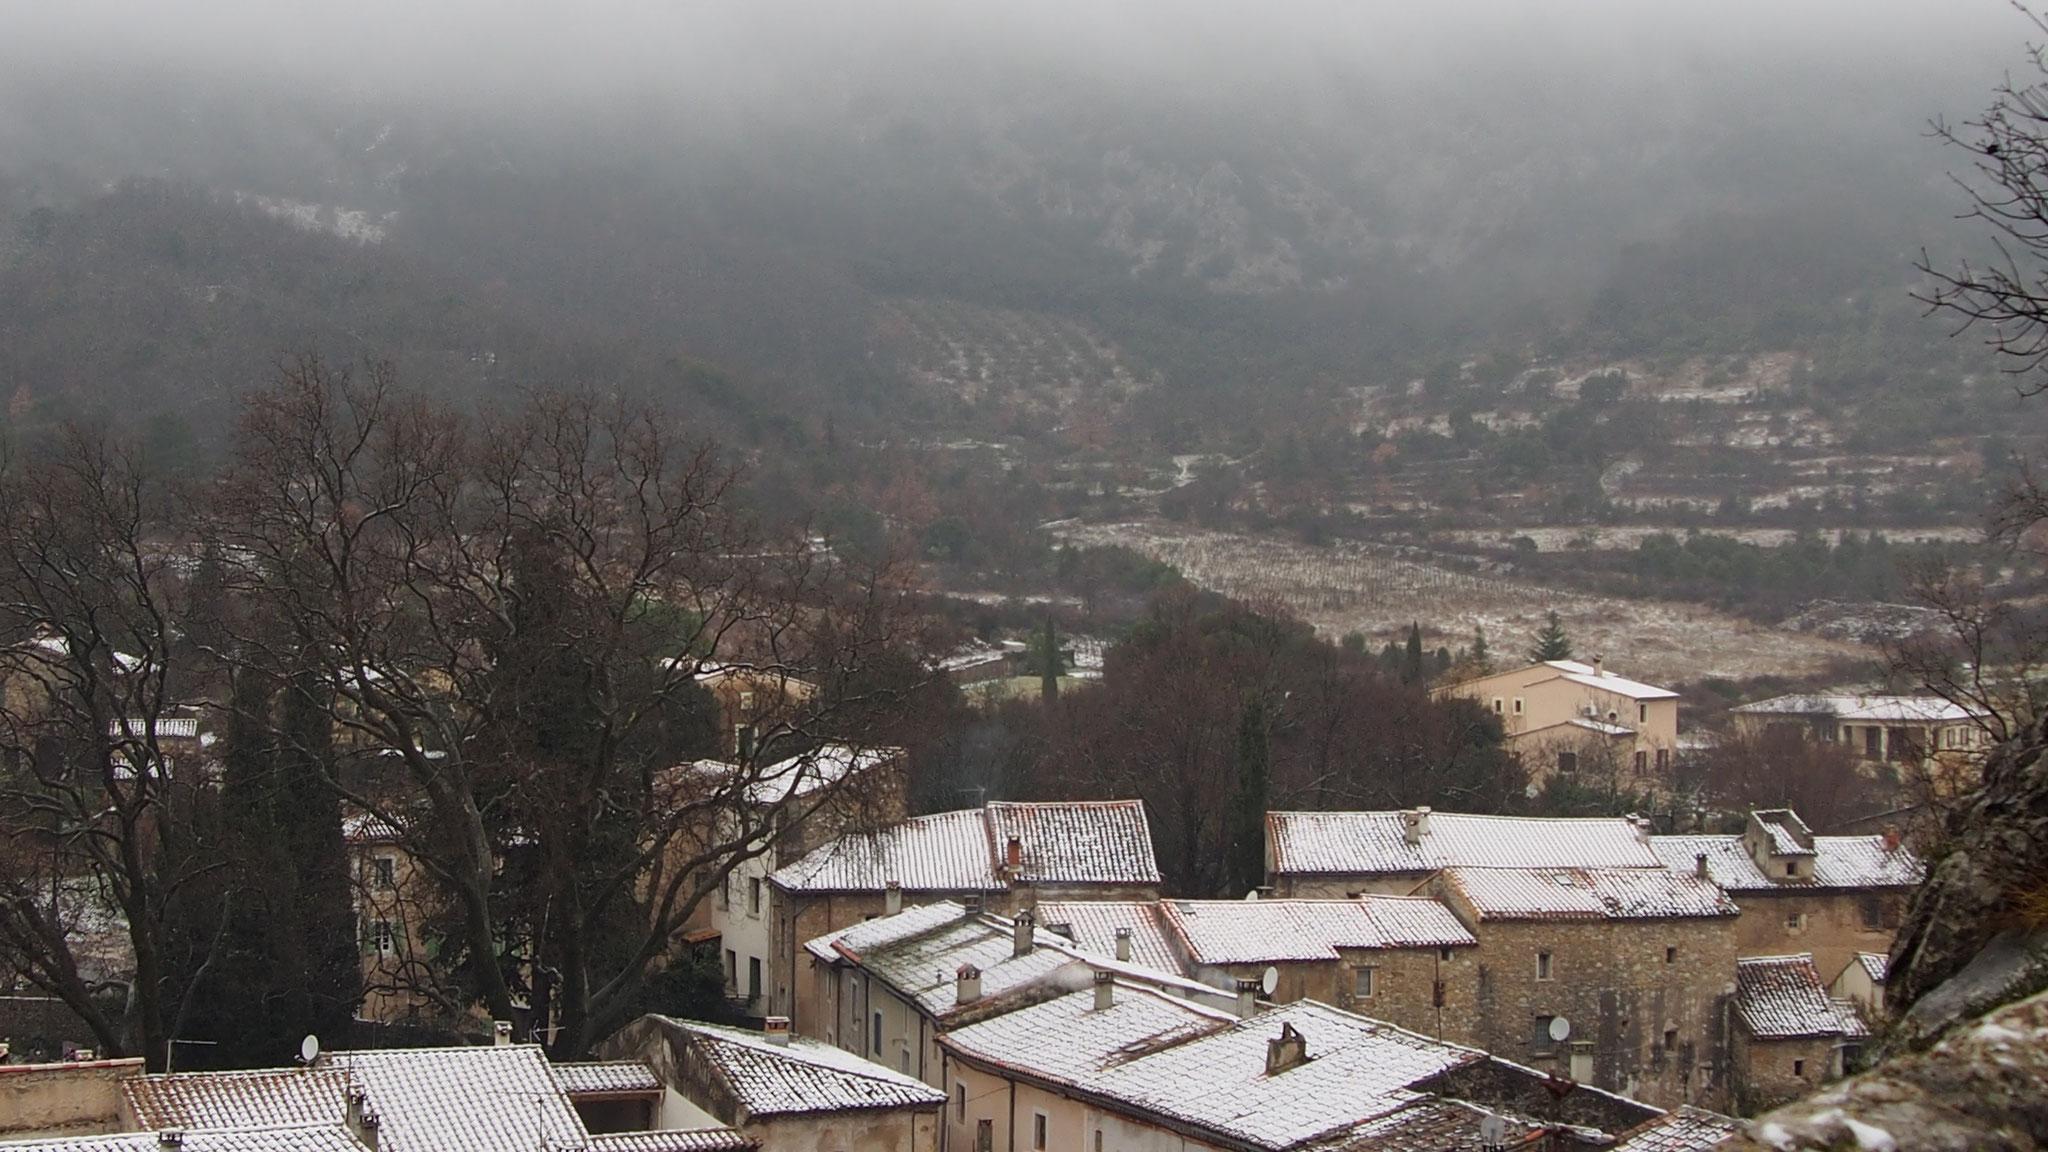 vue sur les toits enneigés du village